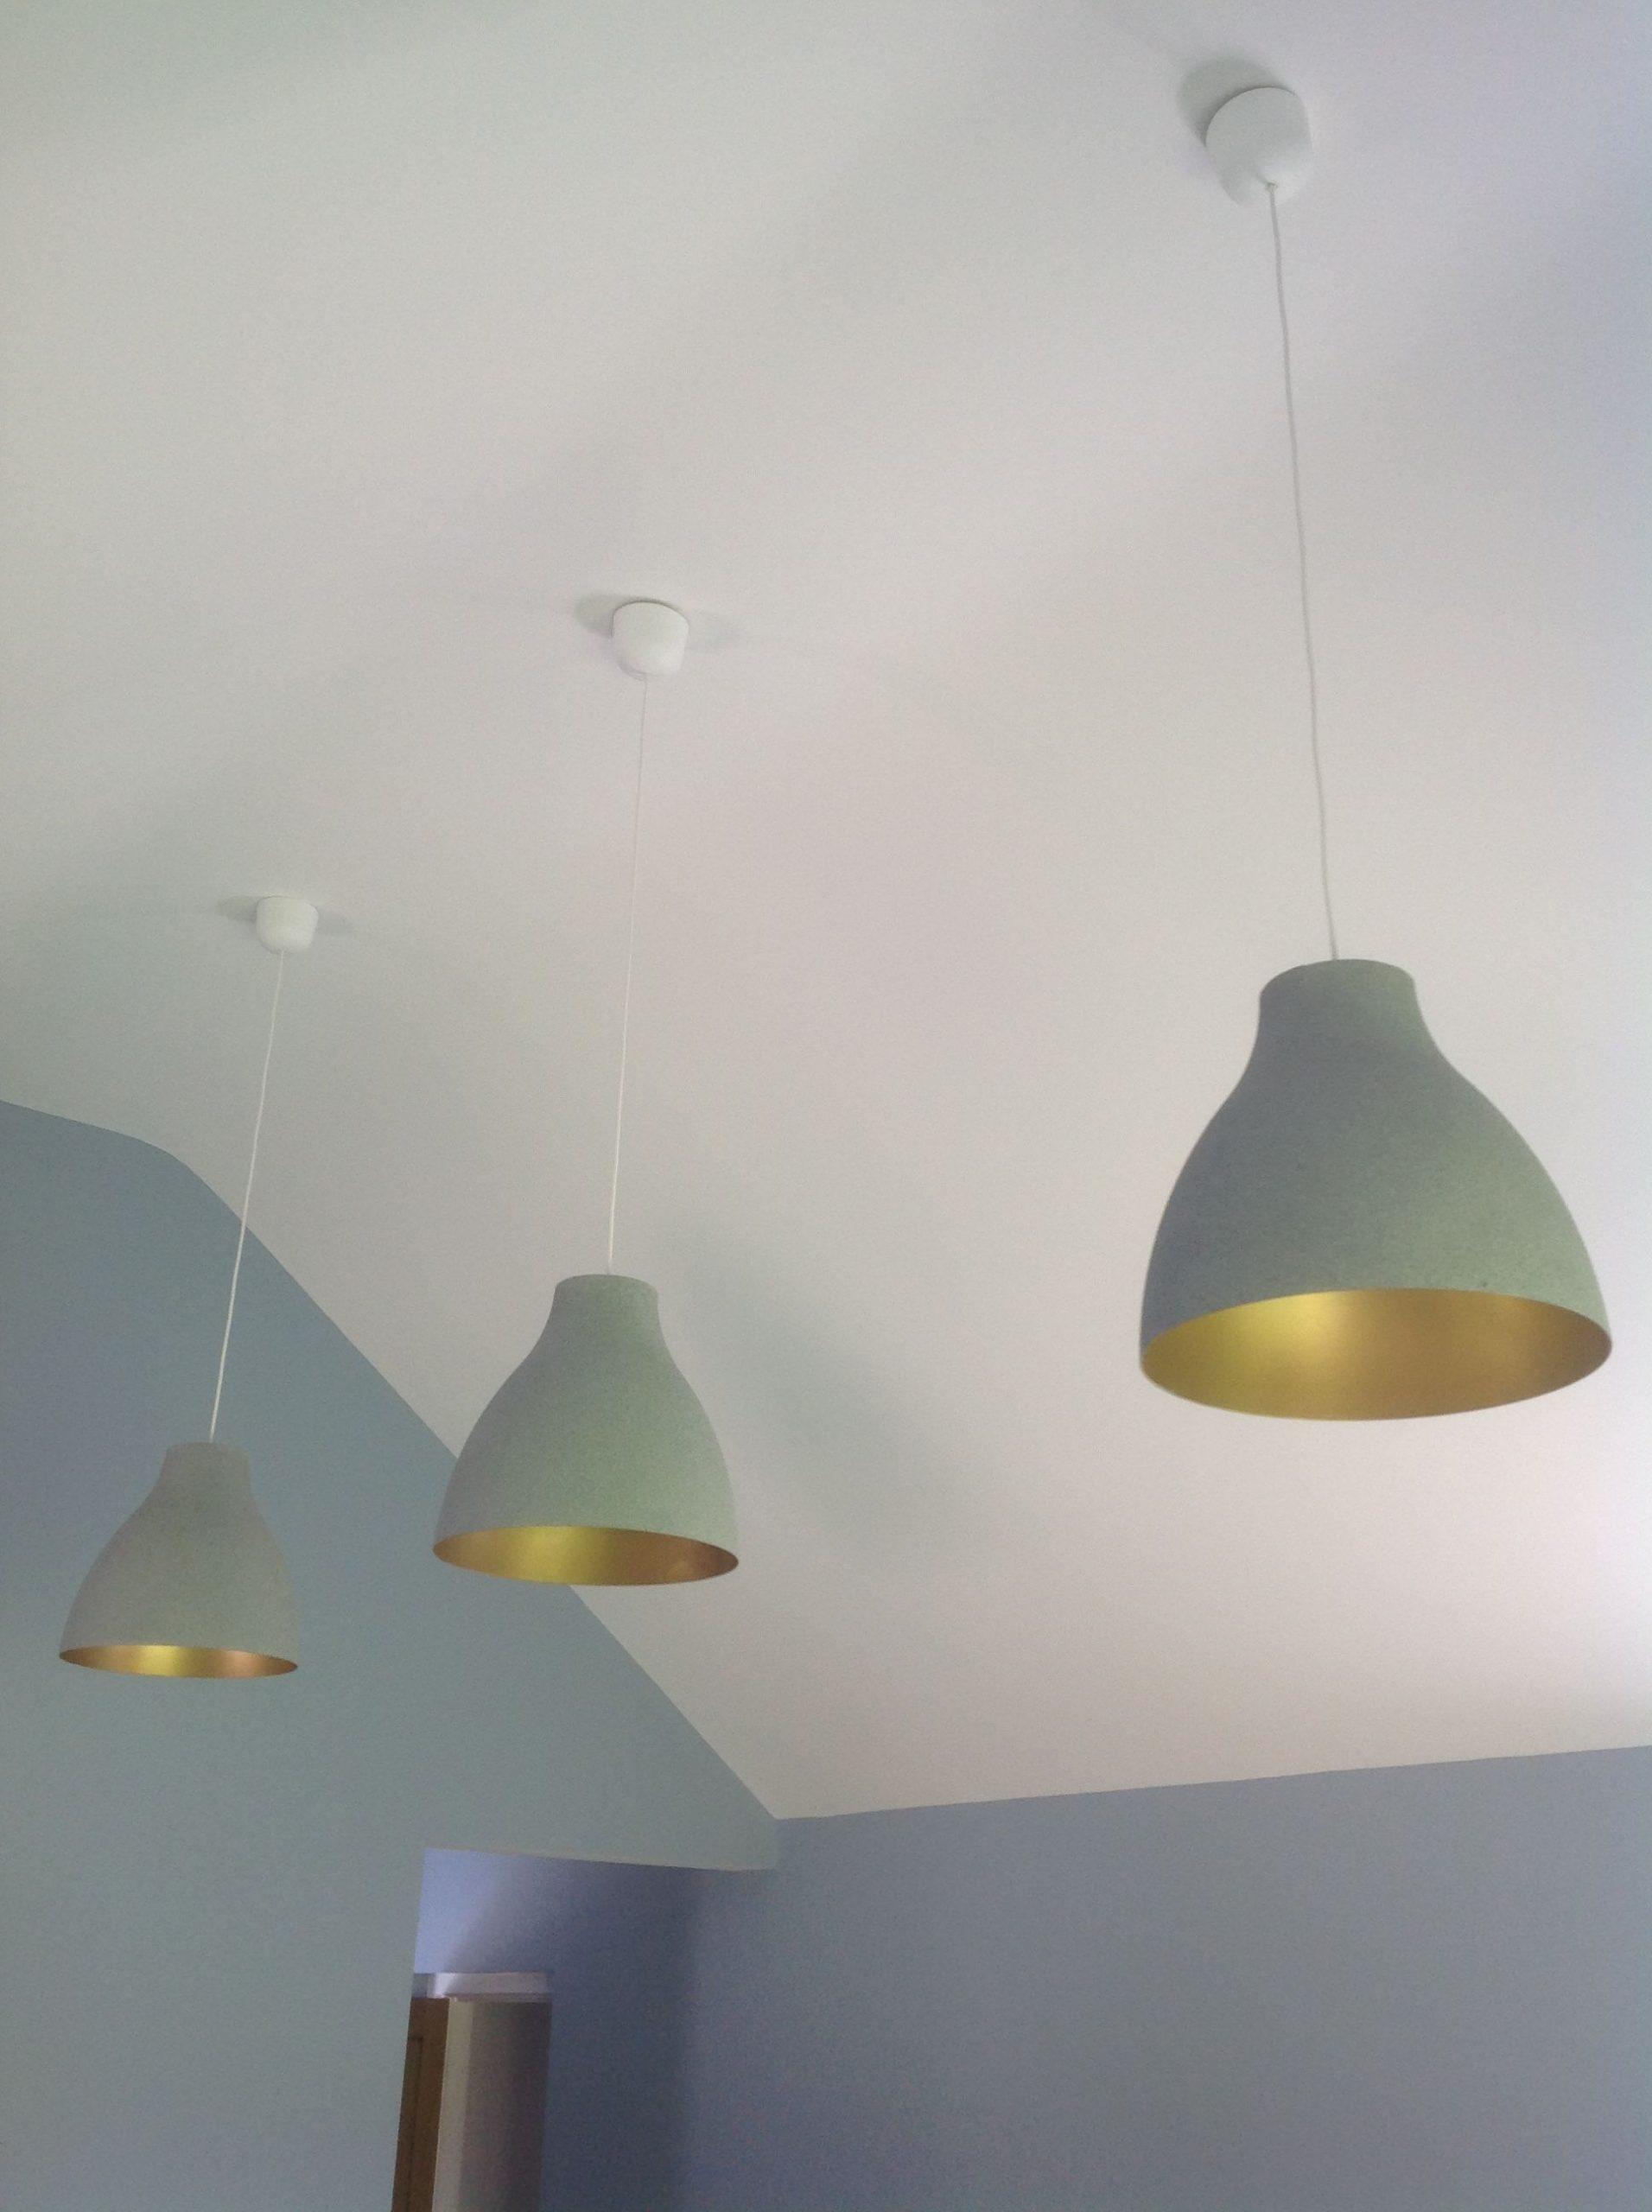 Full Size of Ikea Lampen Betten 160x200 Miniküche Bei Küche Led Wohnzimmer Bad Esstisch Deckenlampen Designer Badezimmer Kosten Schlafzimmer Modulküche Kaufen Stehlampen Wohnzimmer Ikea Lampen